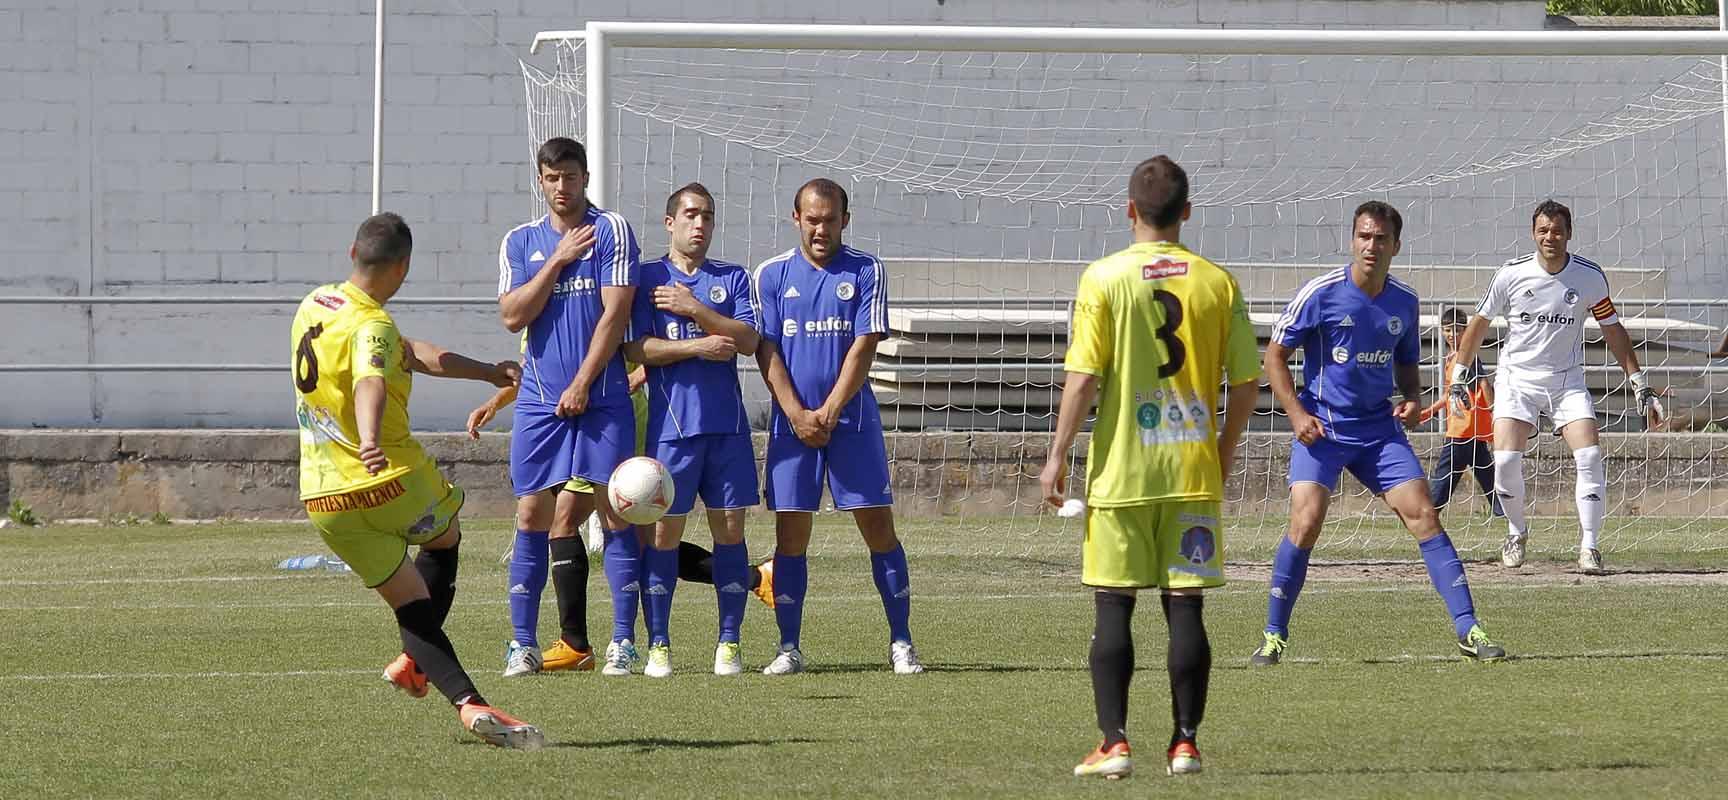 Jugadores durante un enfrentamiento anterior al Palencia.